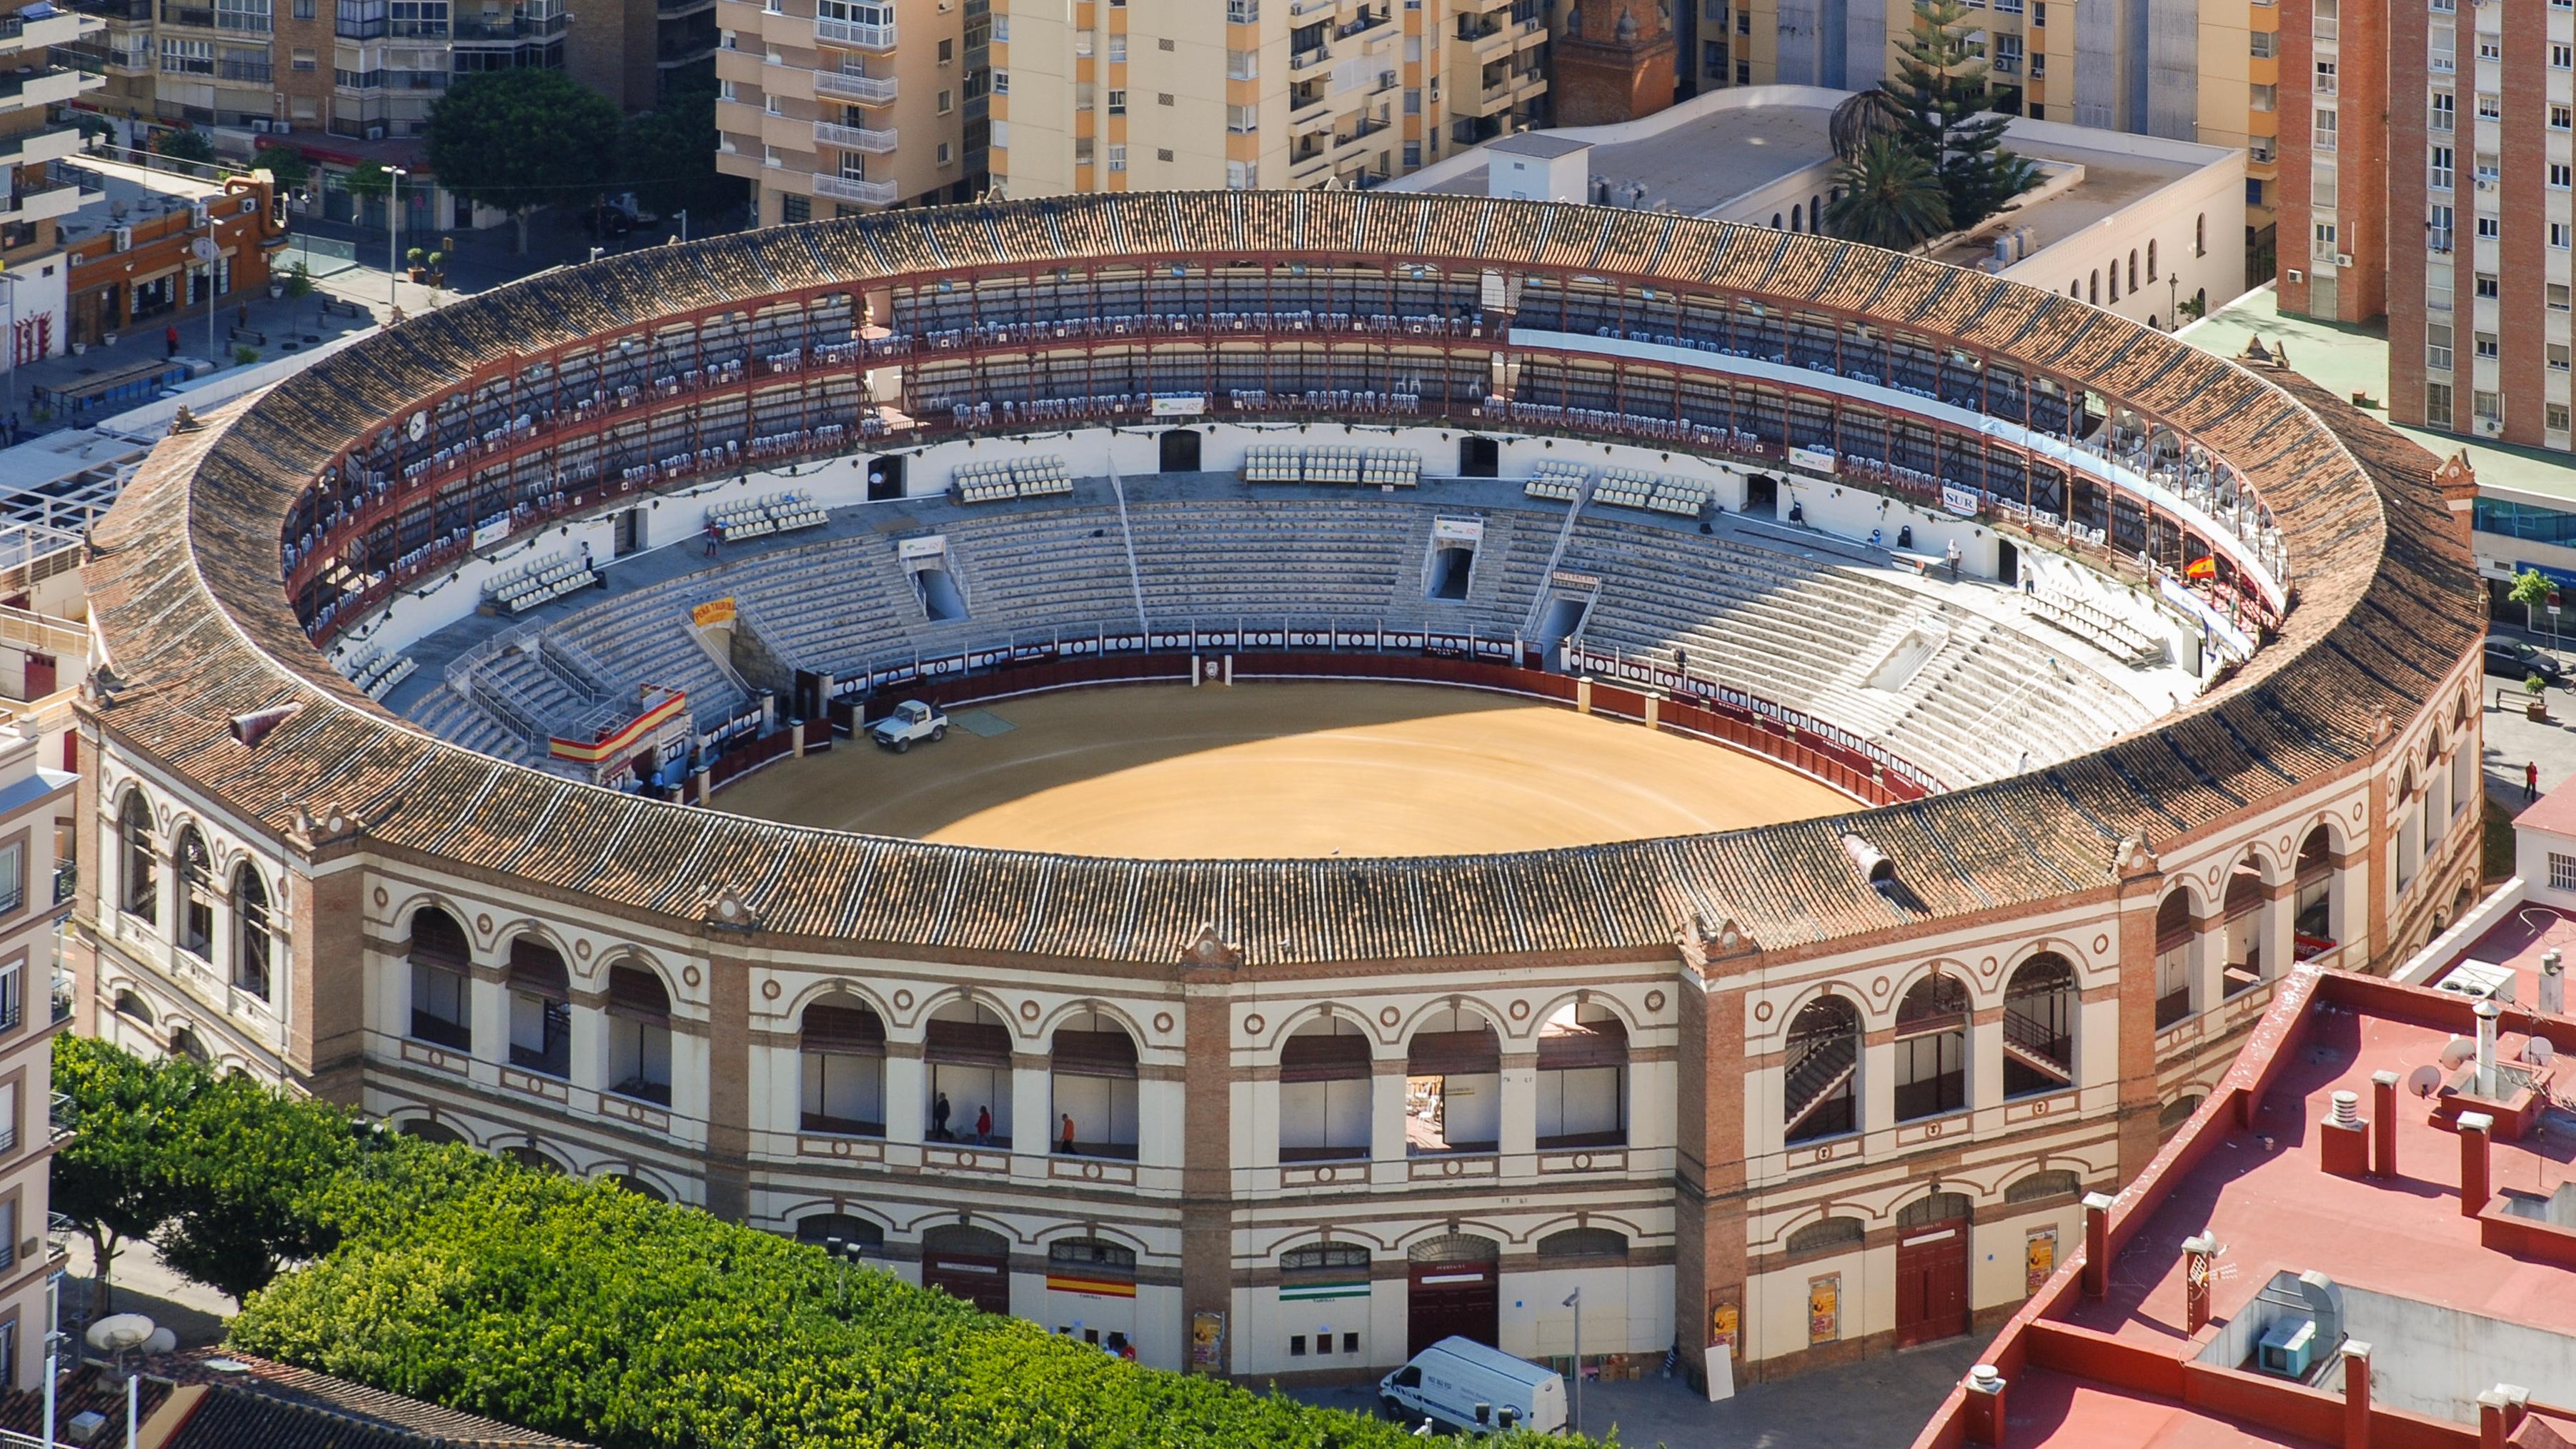 Plaza de toros de La Malagueta, Malaga, North view